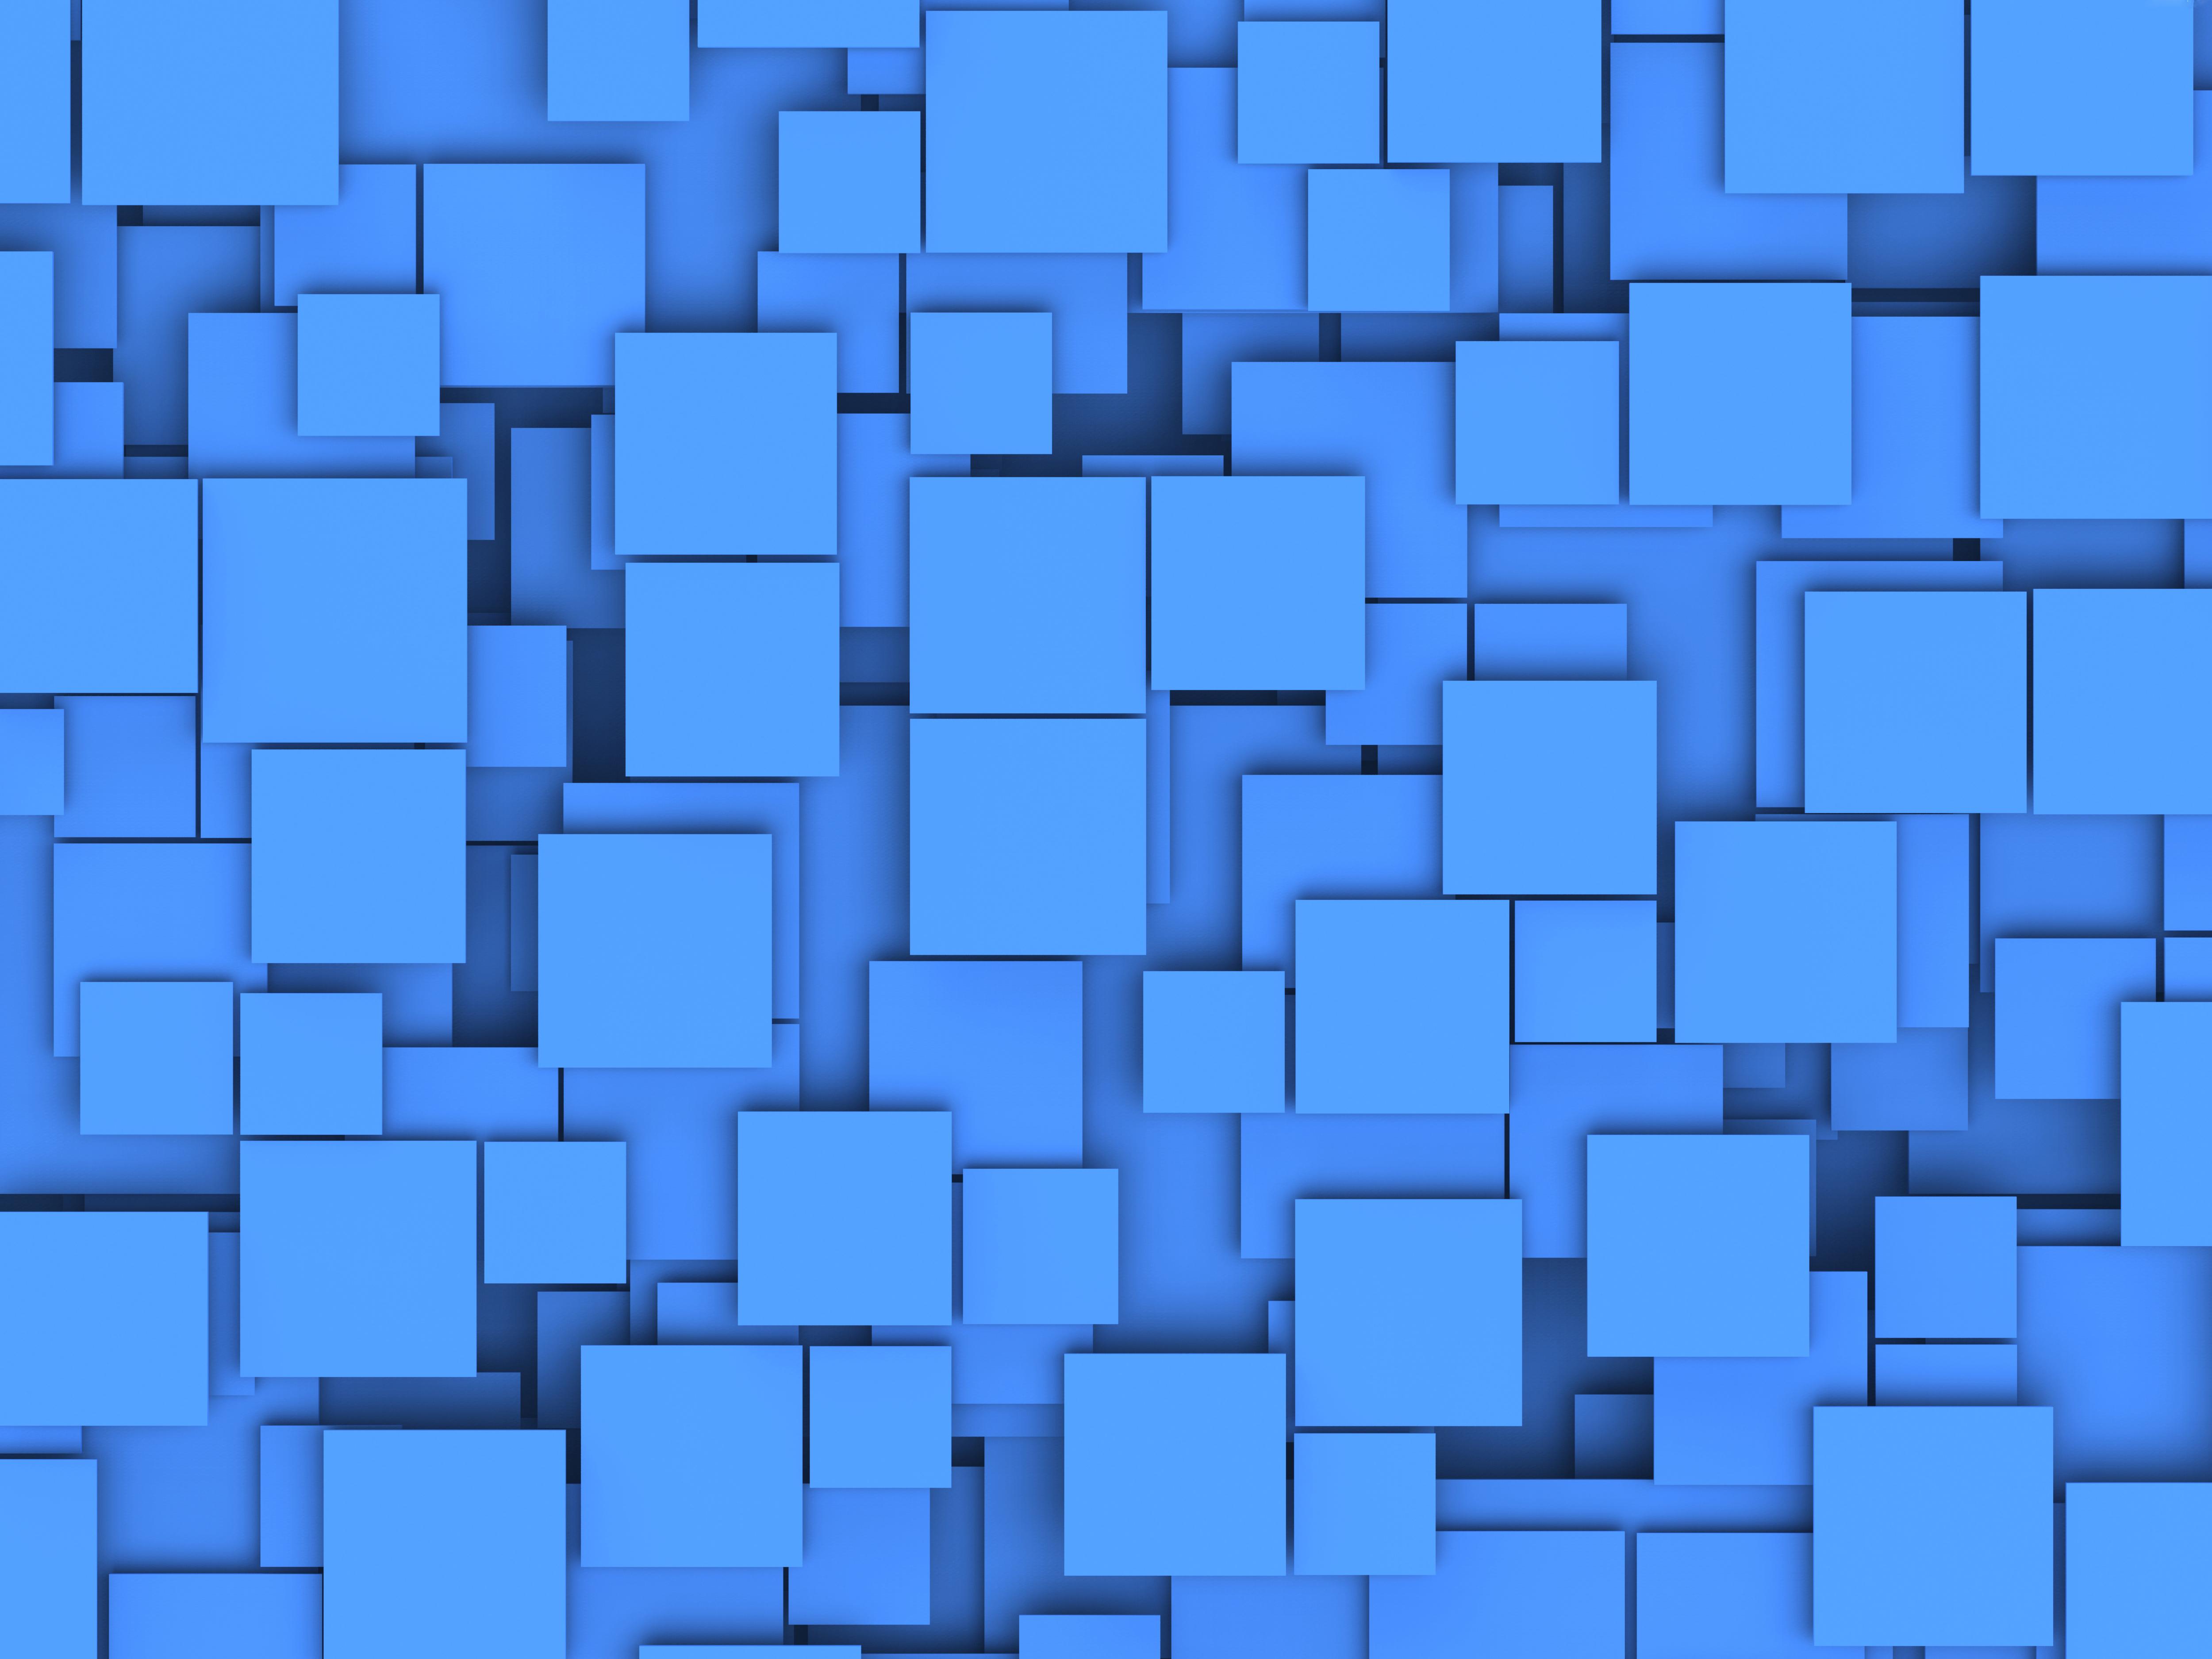 مکعب های در هم